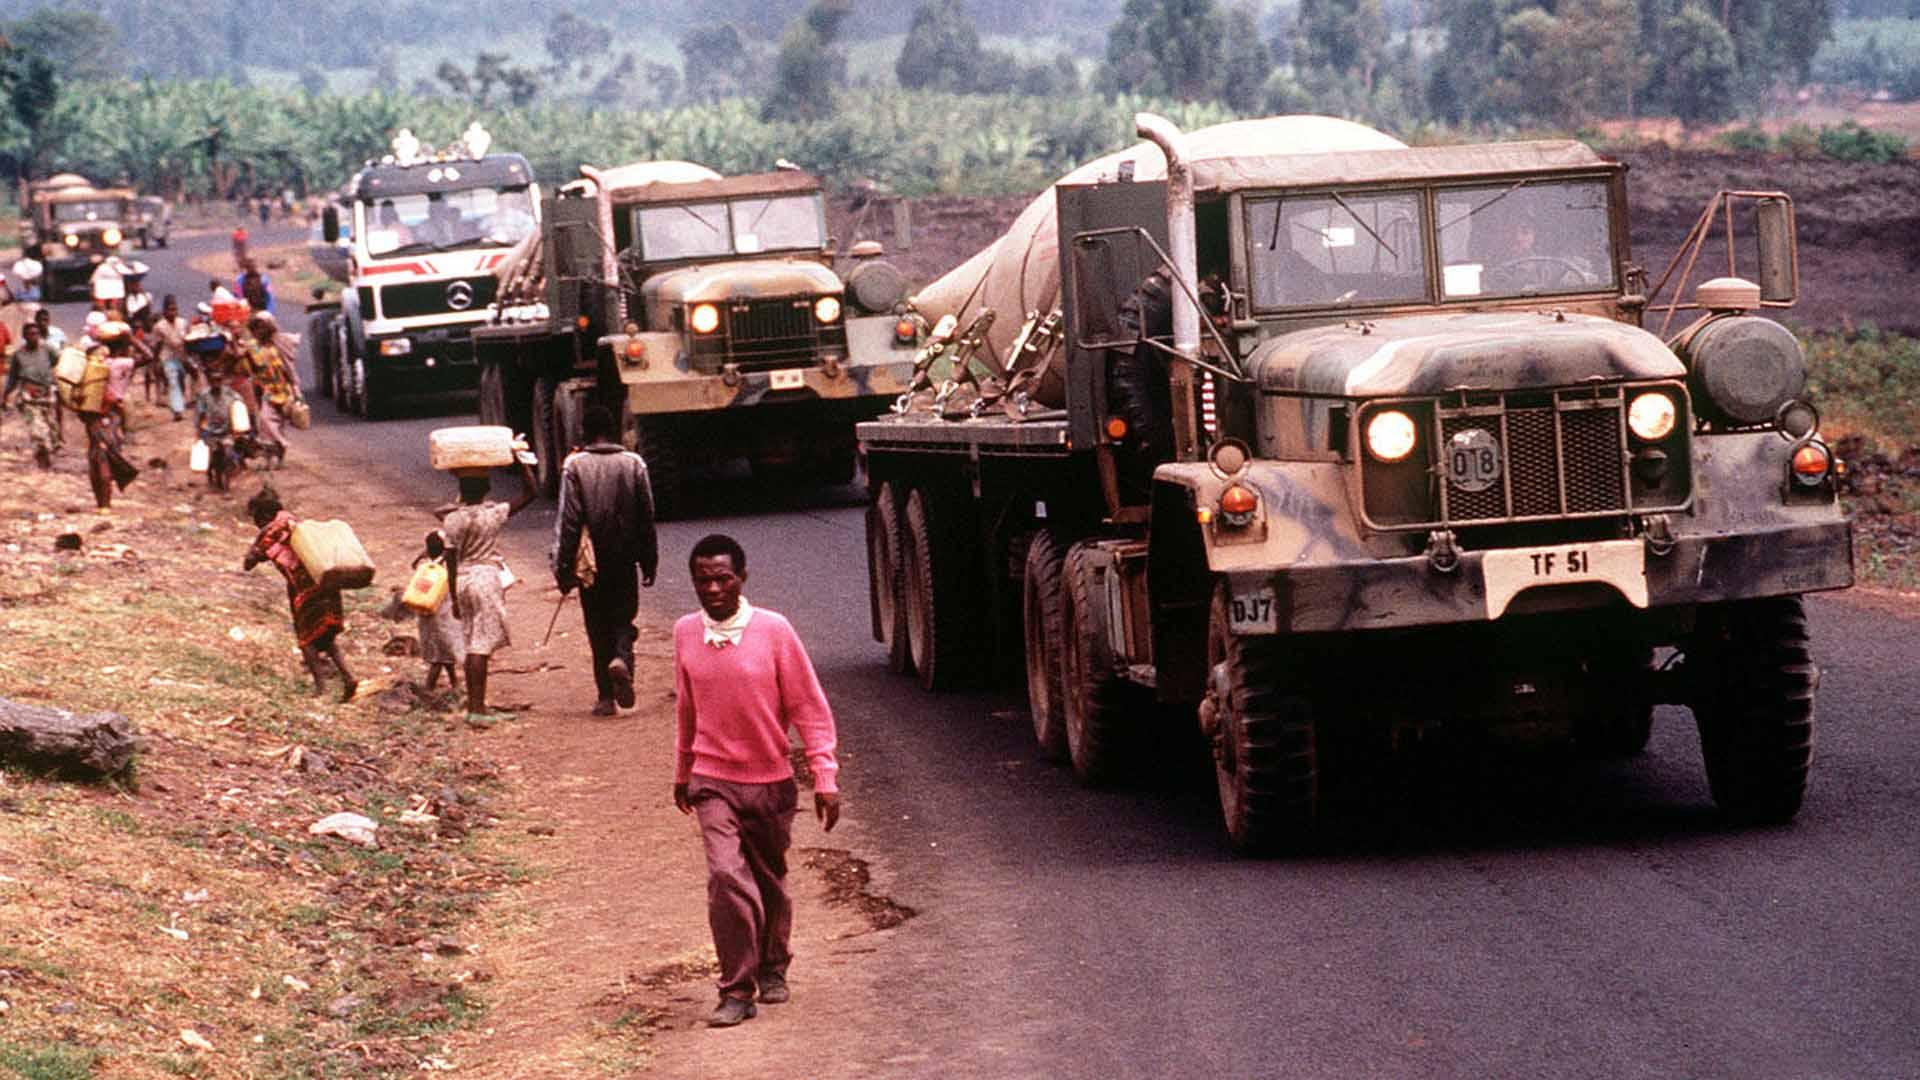 رواندا: من الحرب الأهلية إلى التنمية الشاملة